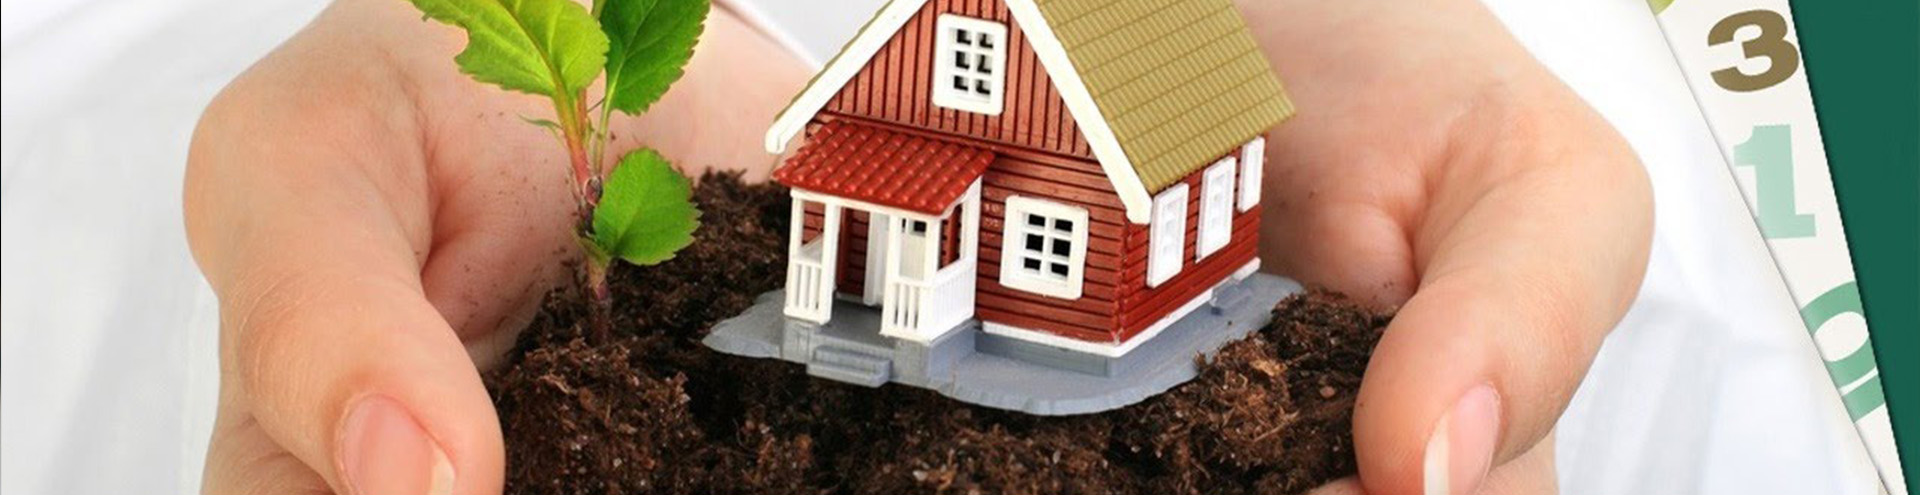 права собственности по приобретательной давности в Липецке